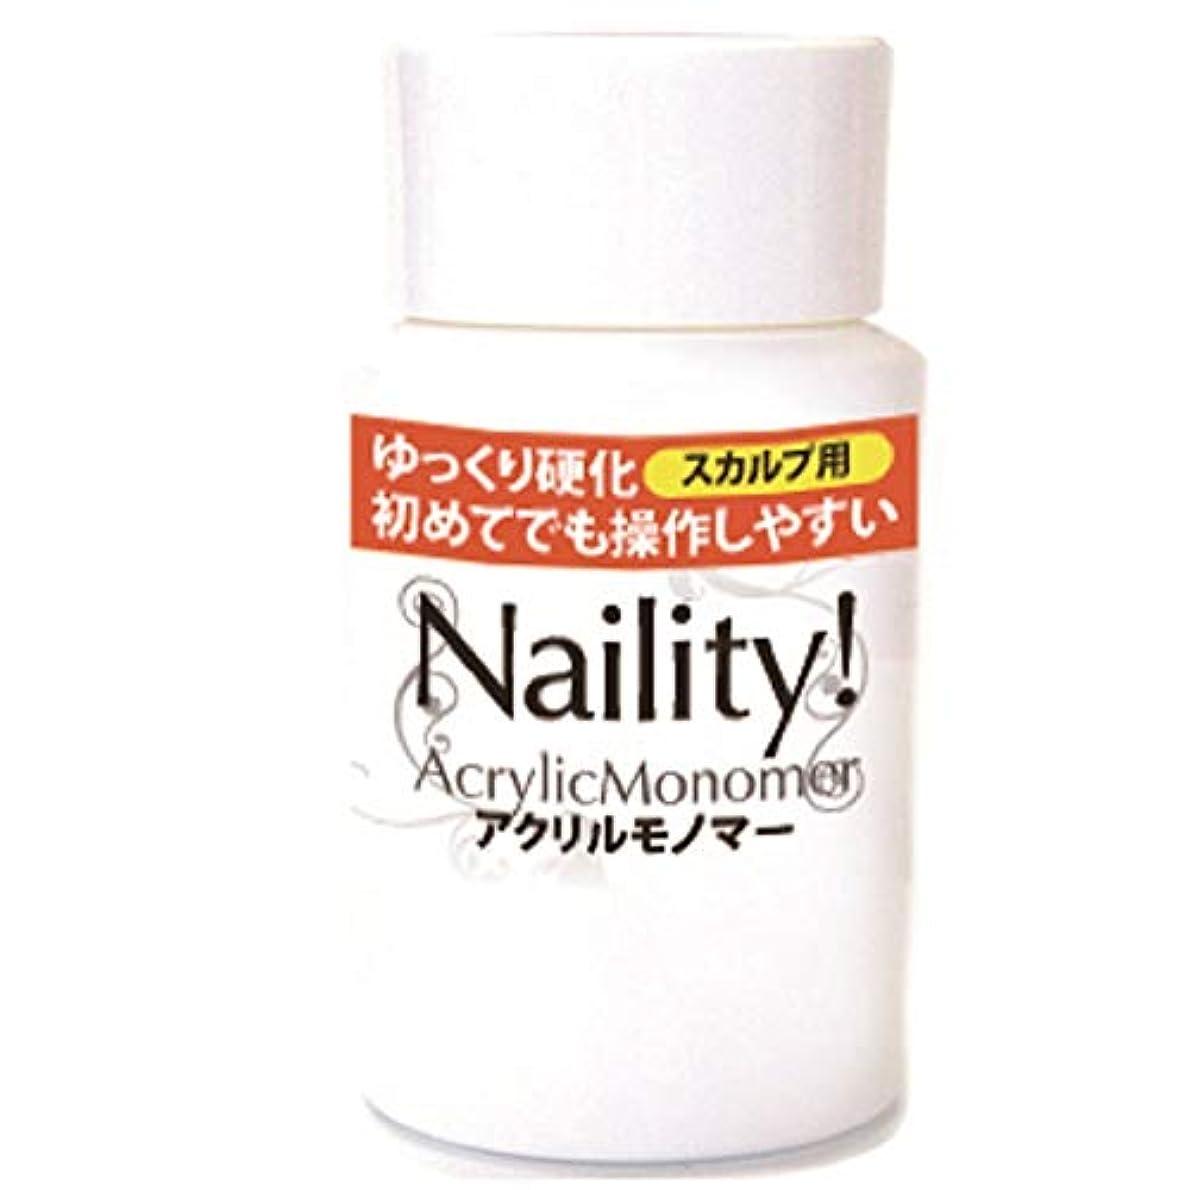 文房具影響する池Naility! アクリルモノマー 50mL